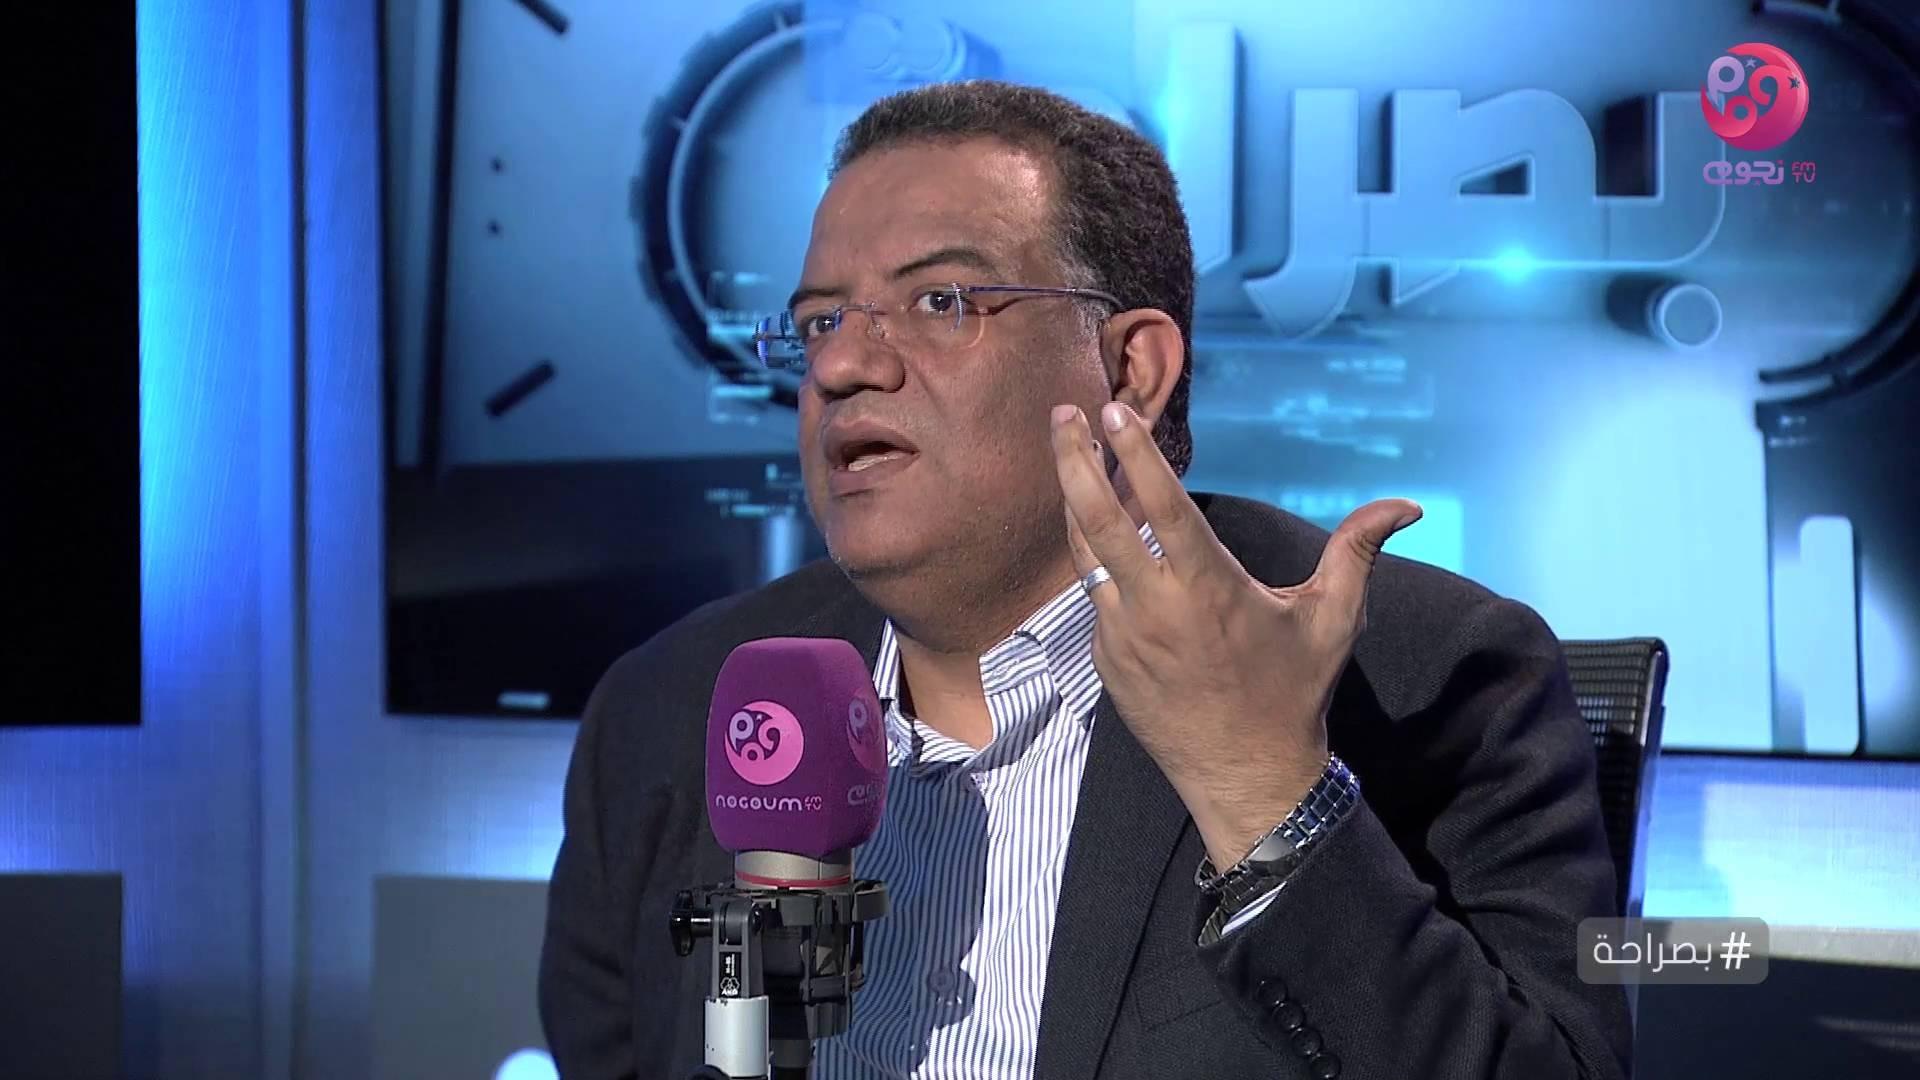 جامعة طنطا تستضيف الكاتب محمود مسلم في ندوة «جامعة تبني ووطن ينهض»